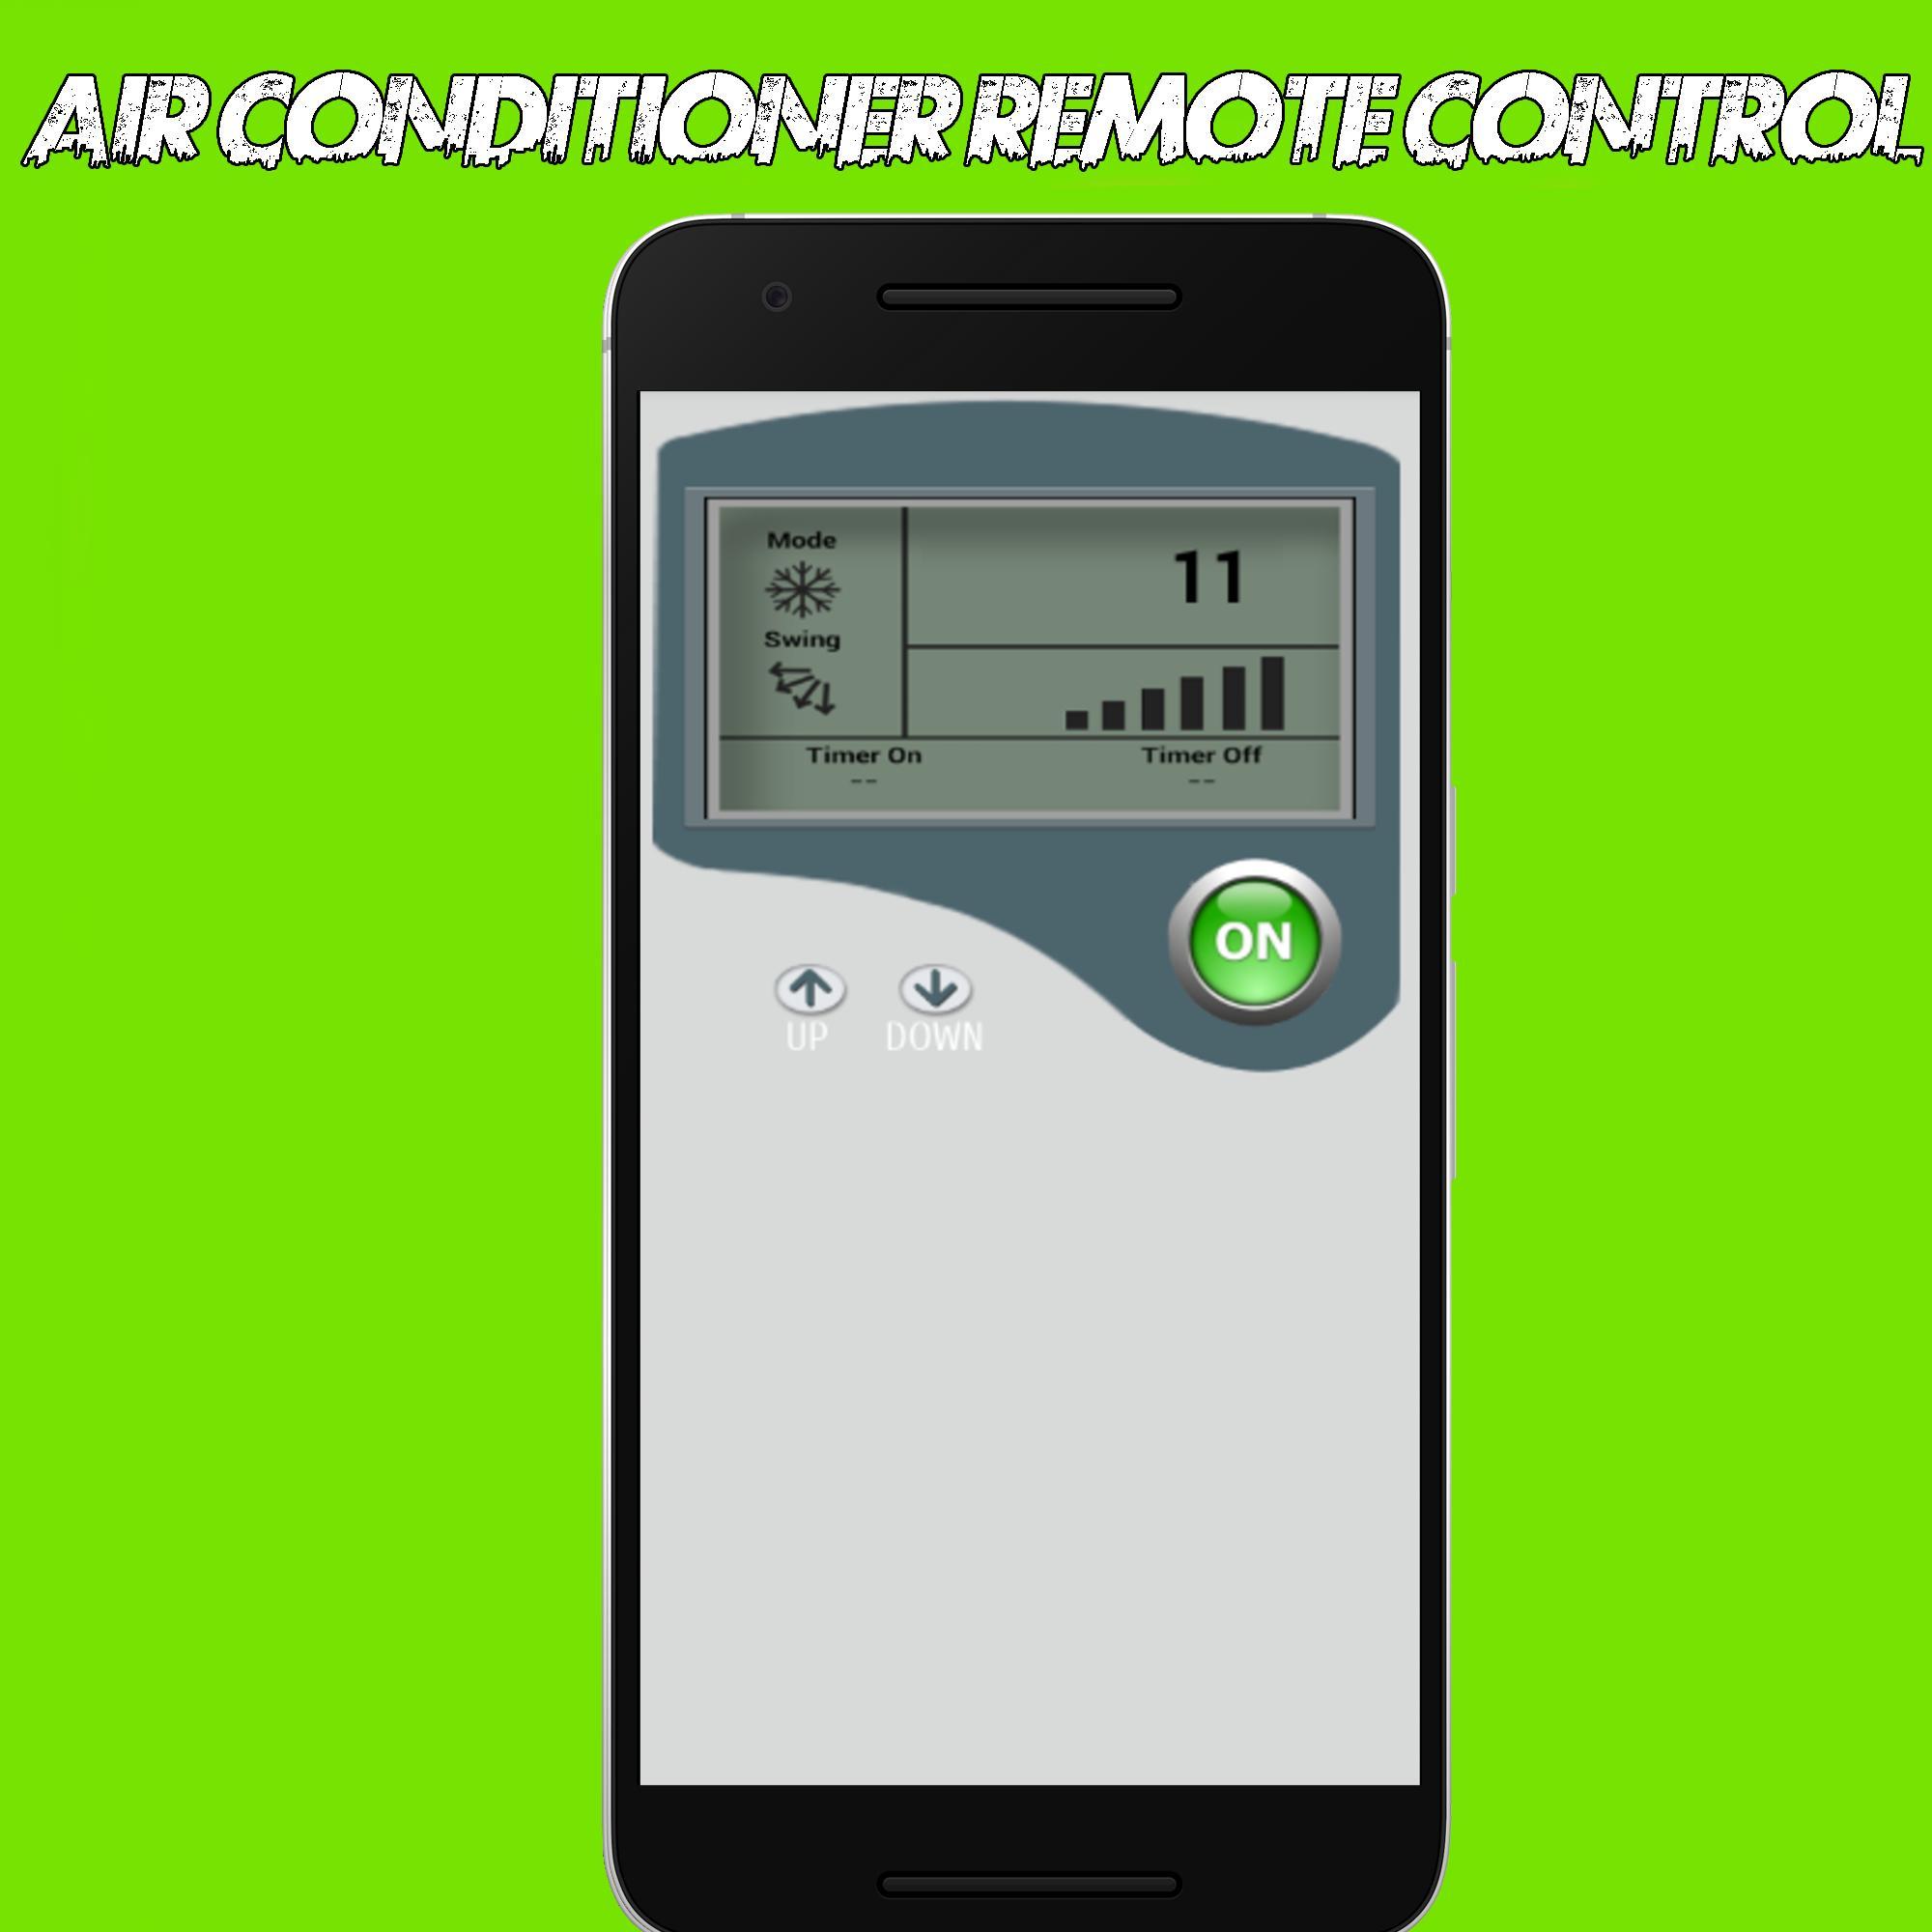 Air-Conditioner-Remote-Control